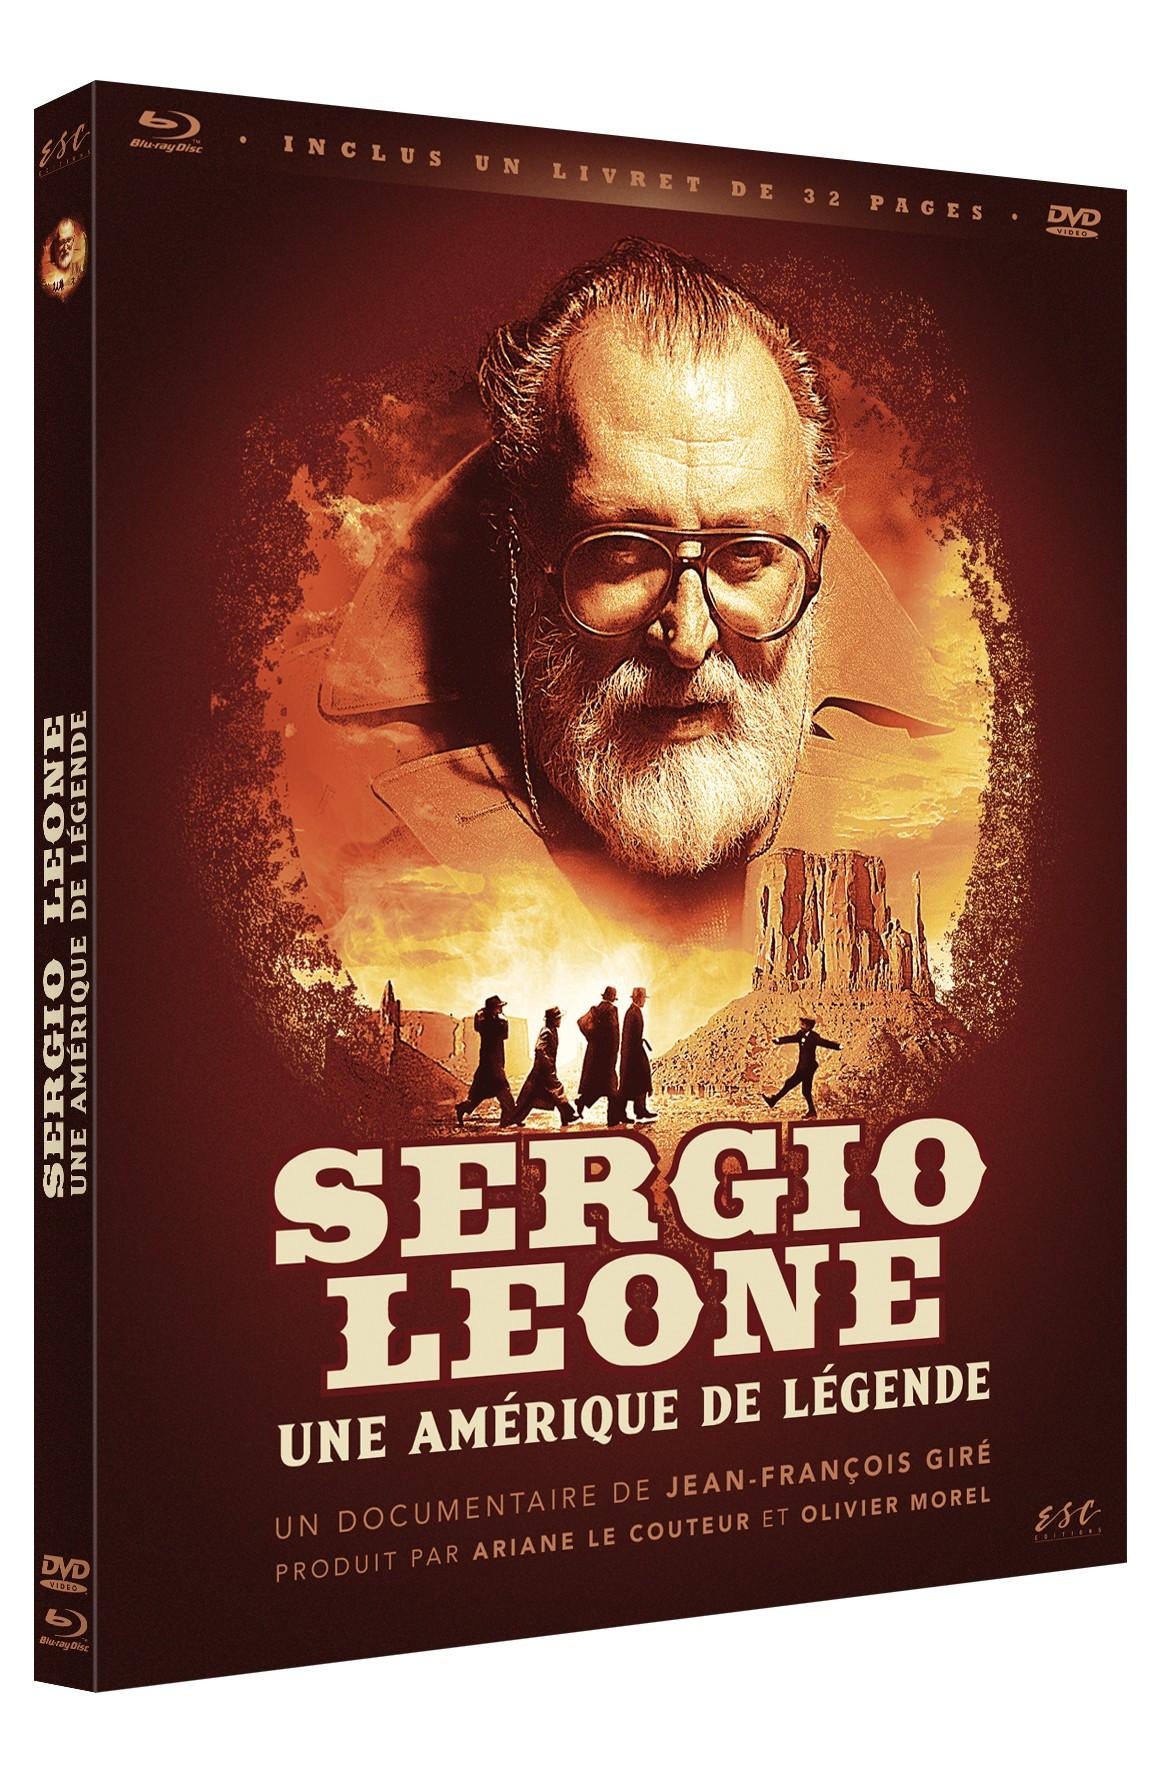 SERGIO LEONE, UNE AMERIQUE DE LEGENDE